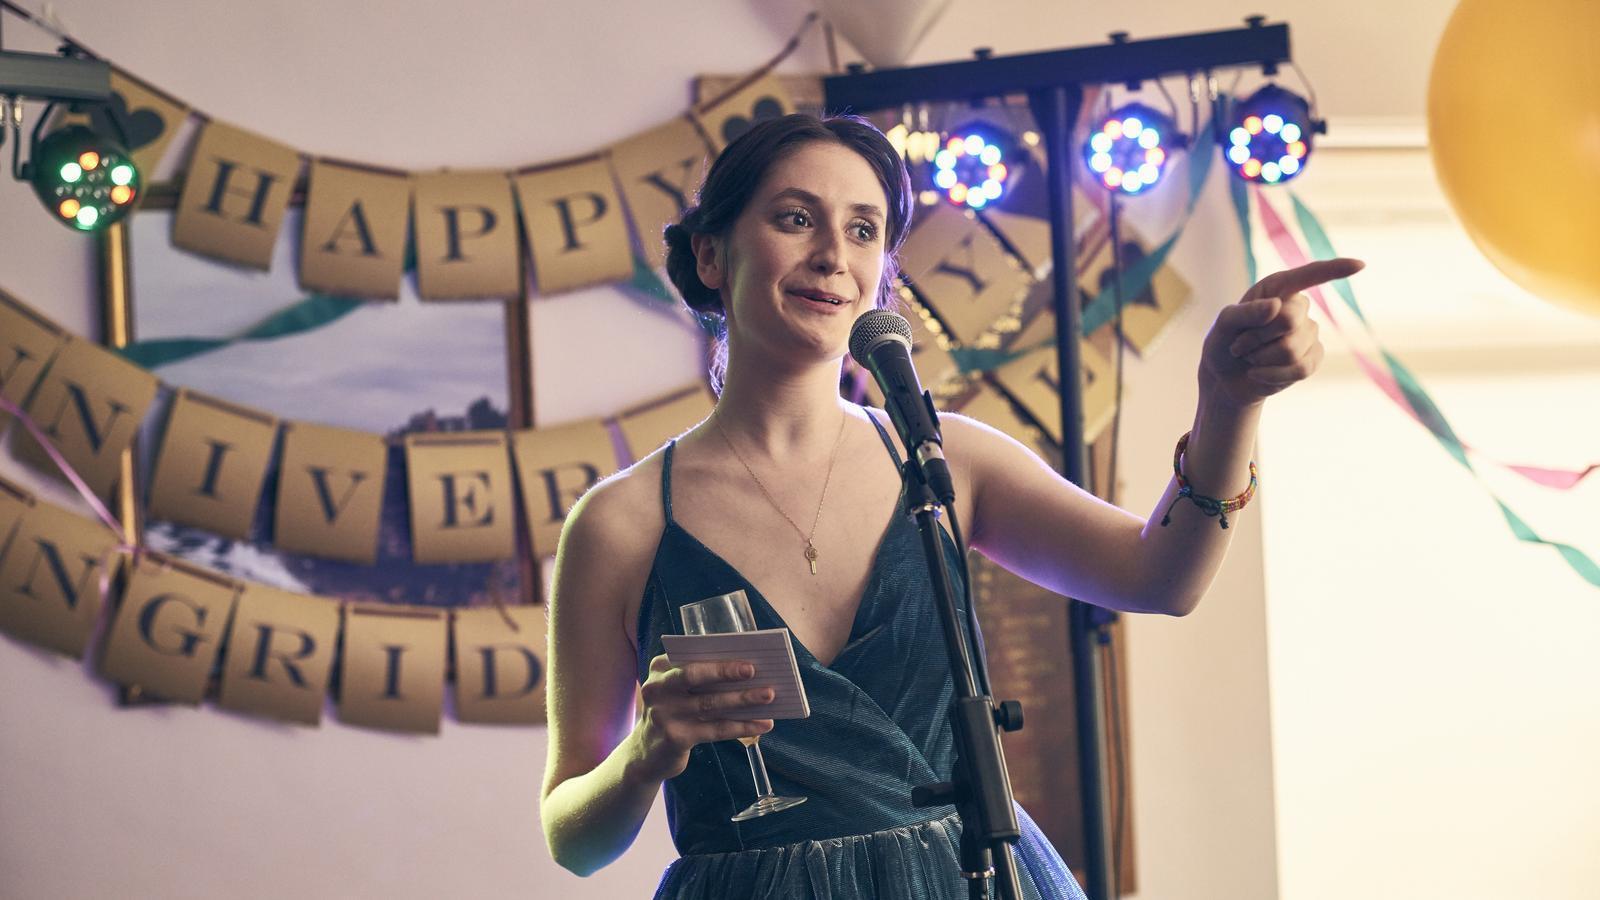 La mirada tragicòmica del trastorn obsessiu compulsiu de 'Pure' arriba a Filmin